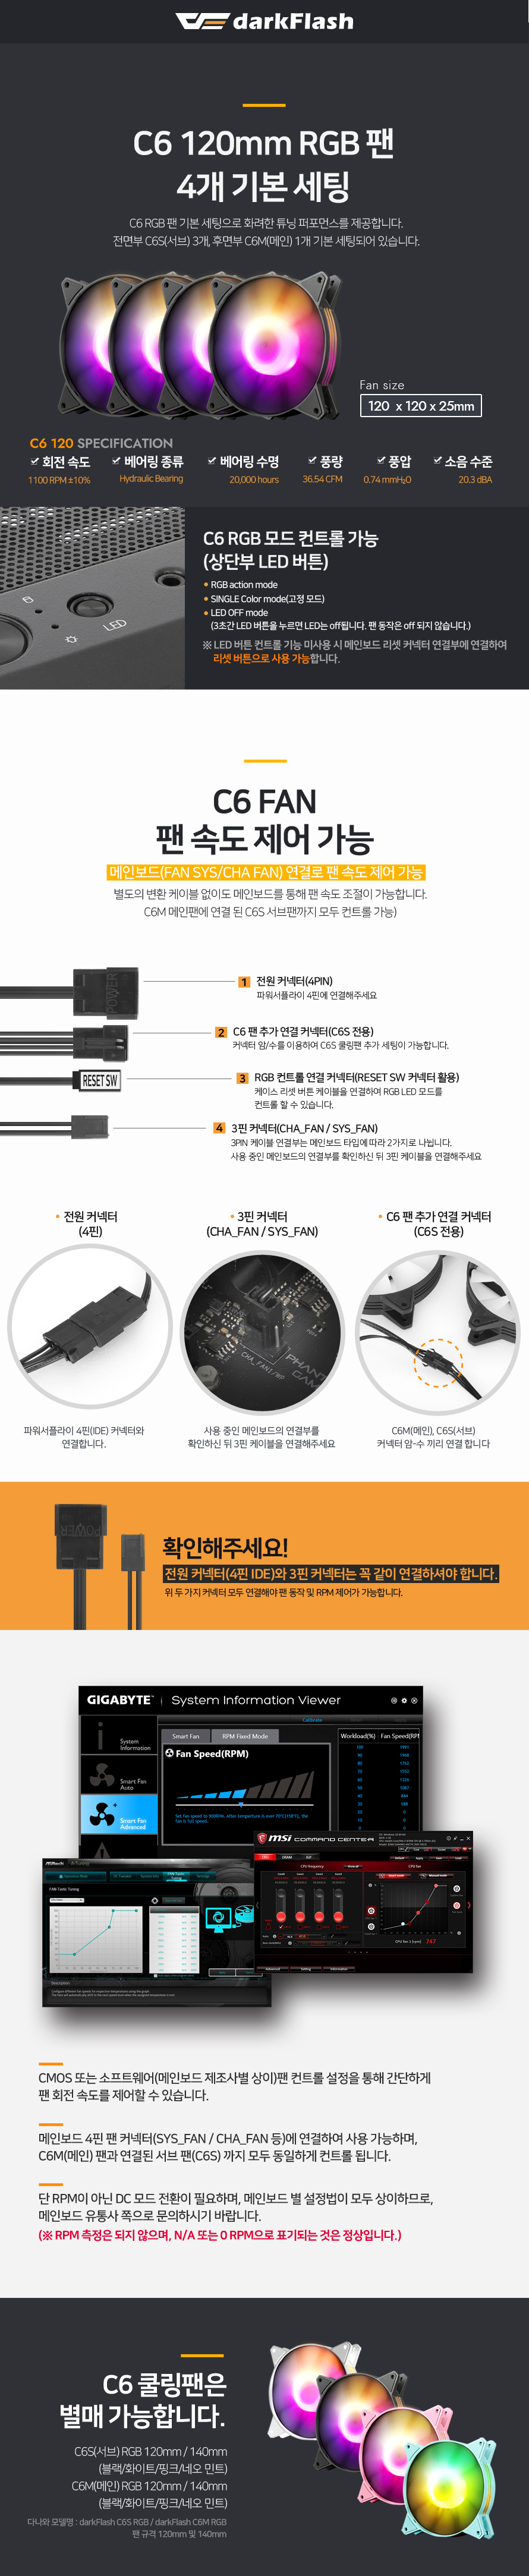 darkFlash DK500 DENEB RGB 강화유리 (블랙)